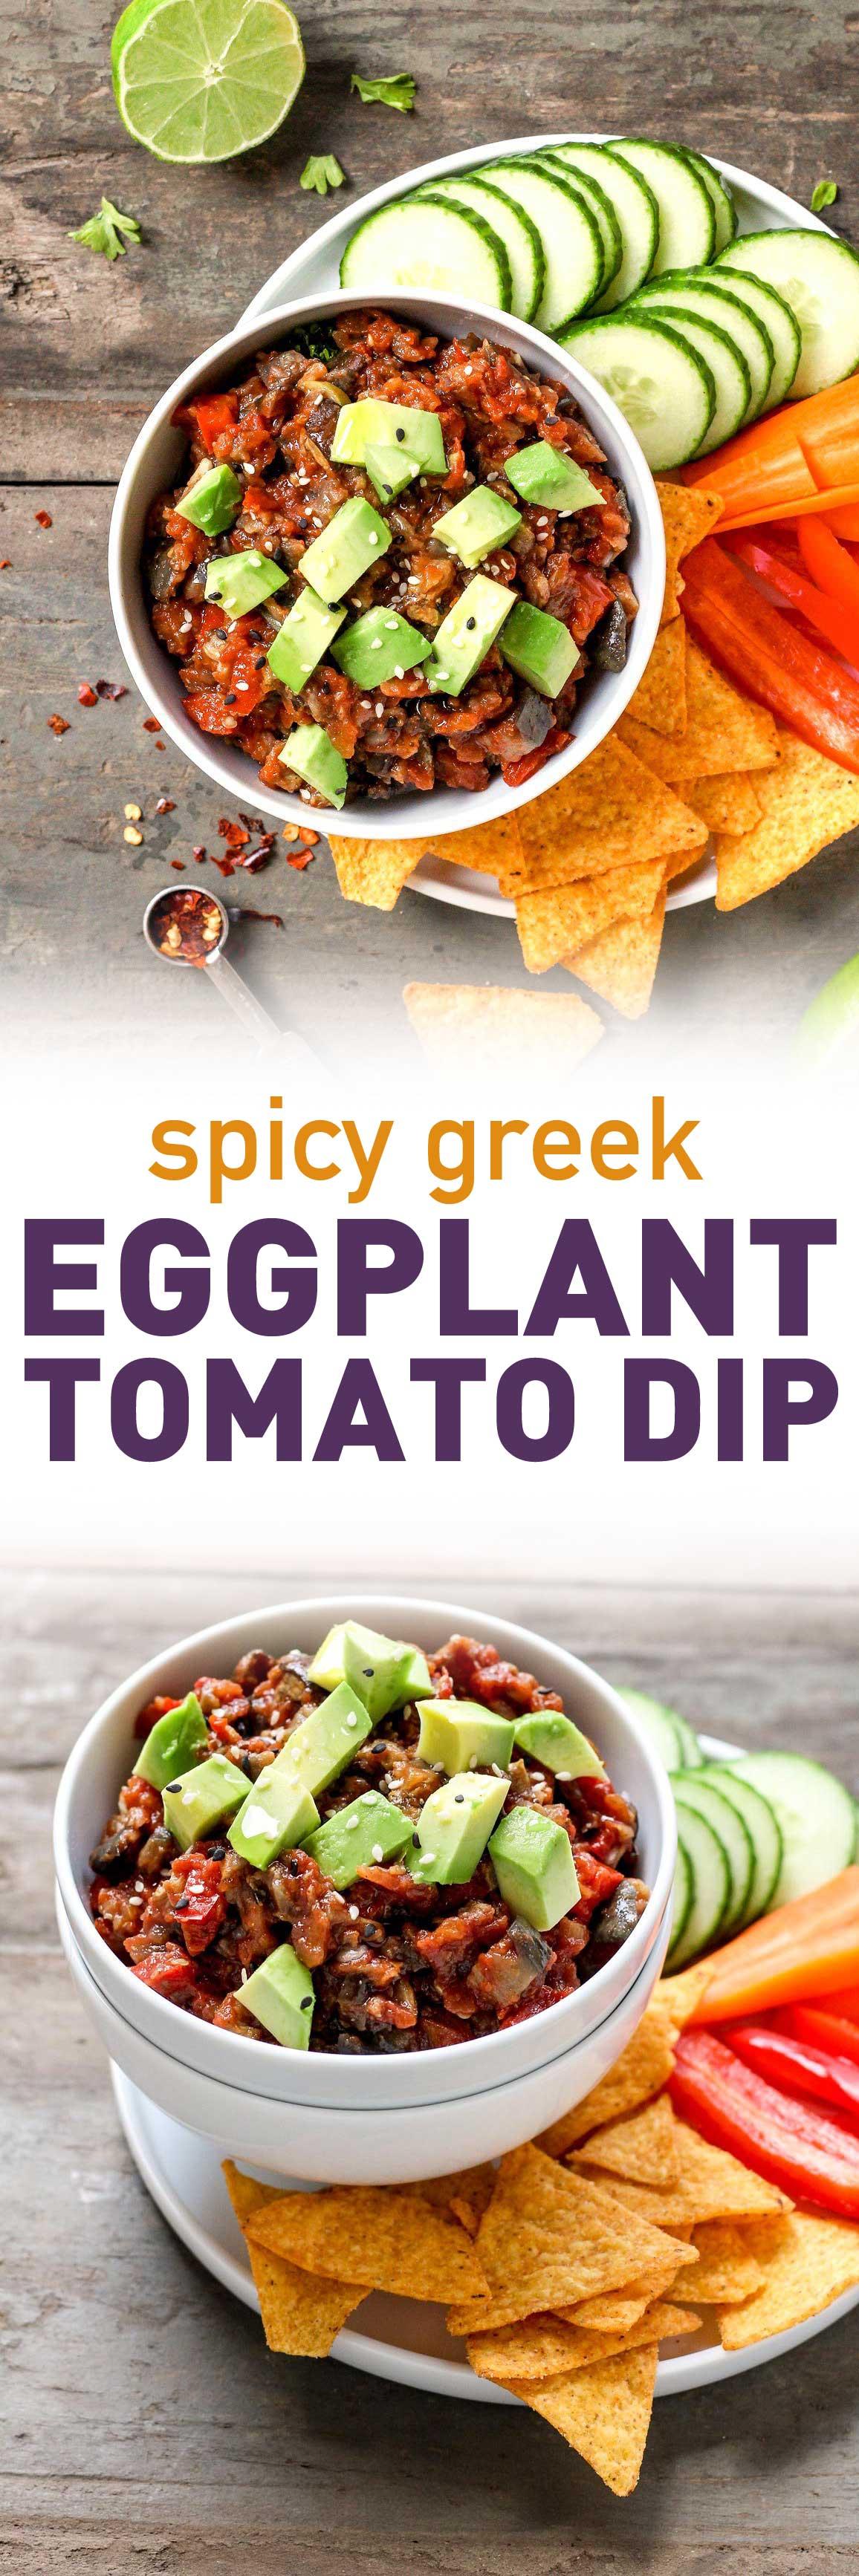 Vegan Spicy Roasted Eggplant Dip